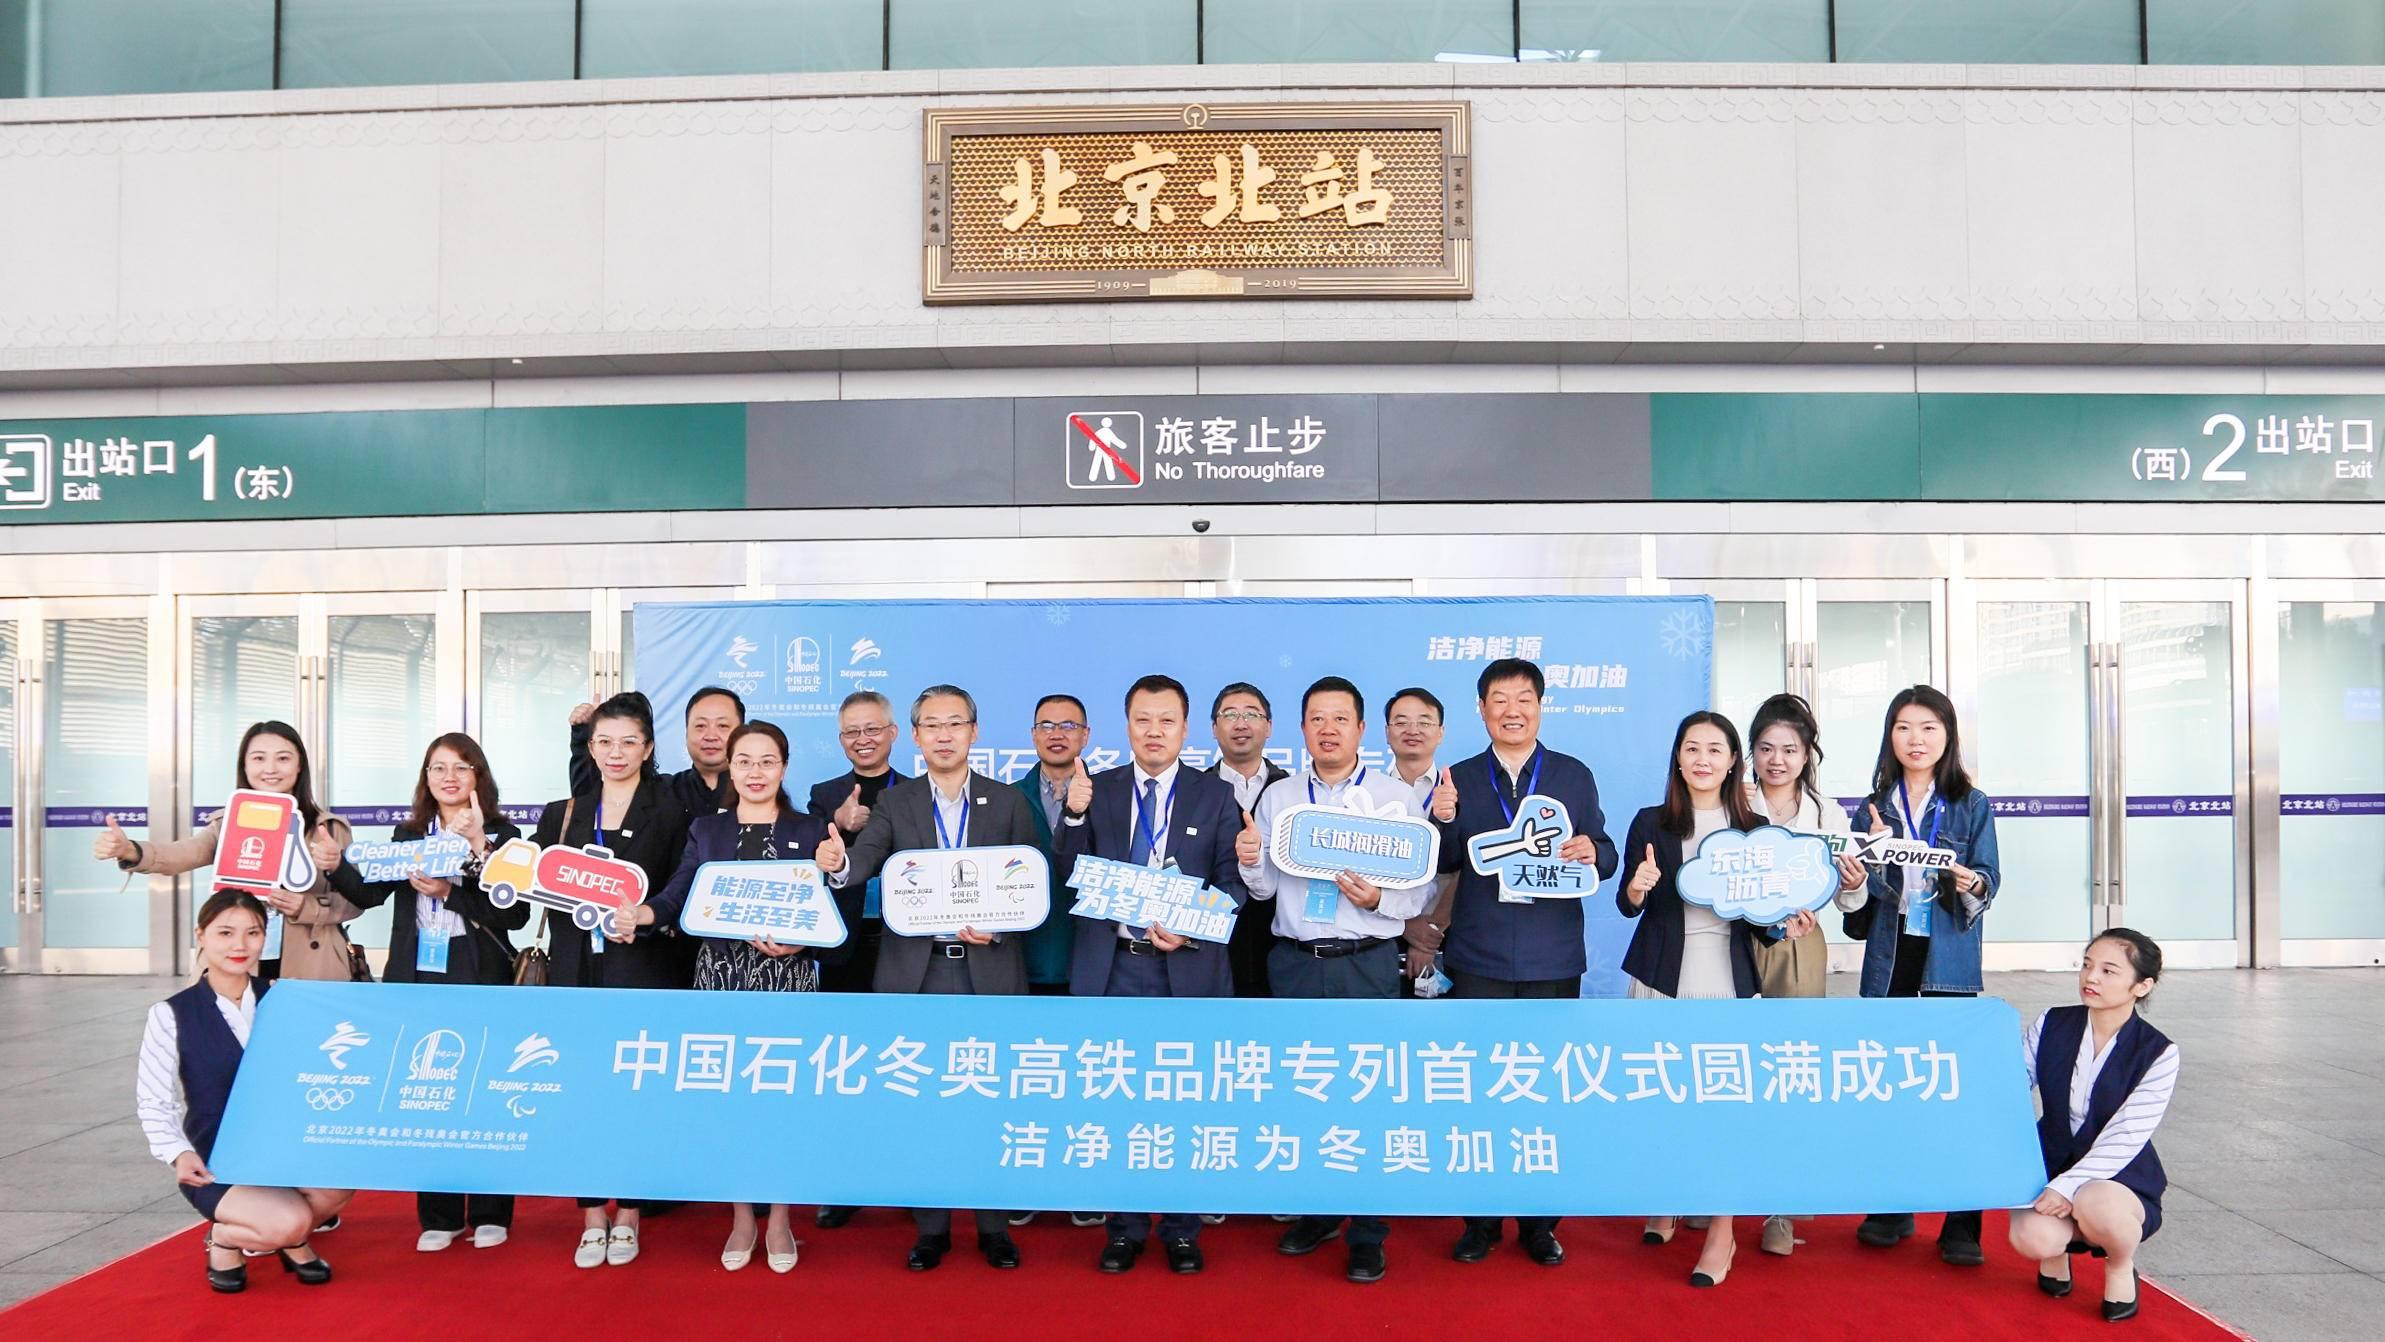 中國石化復興號冬奧高鐵品牌專列首發